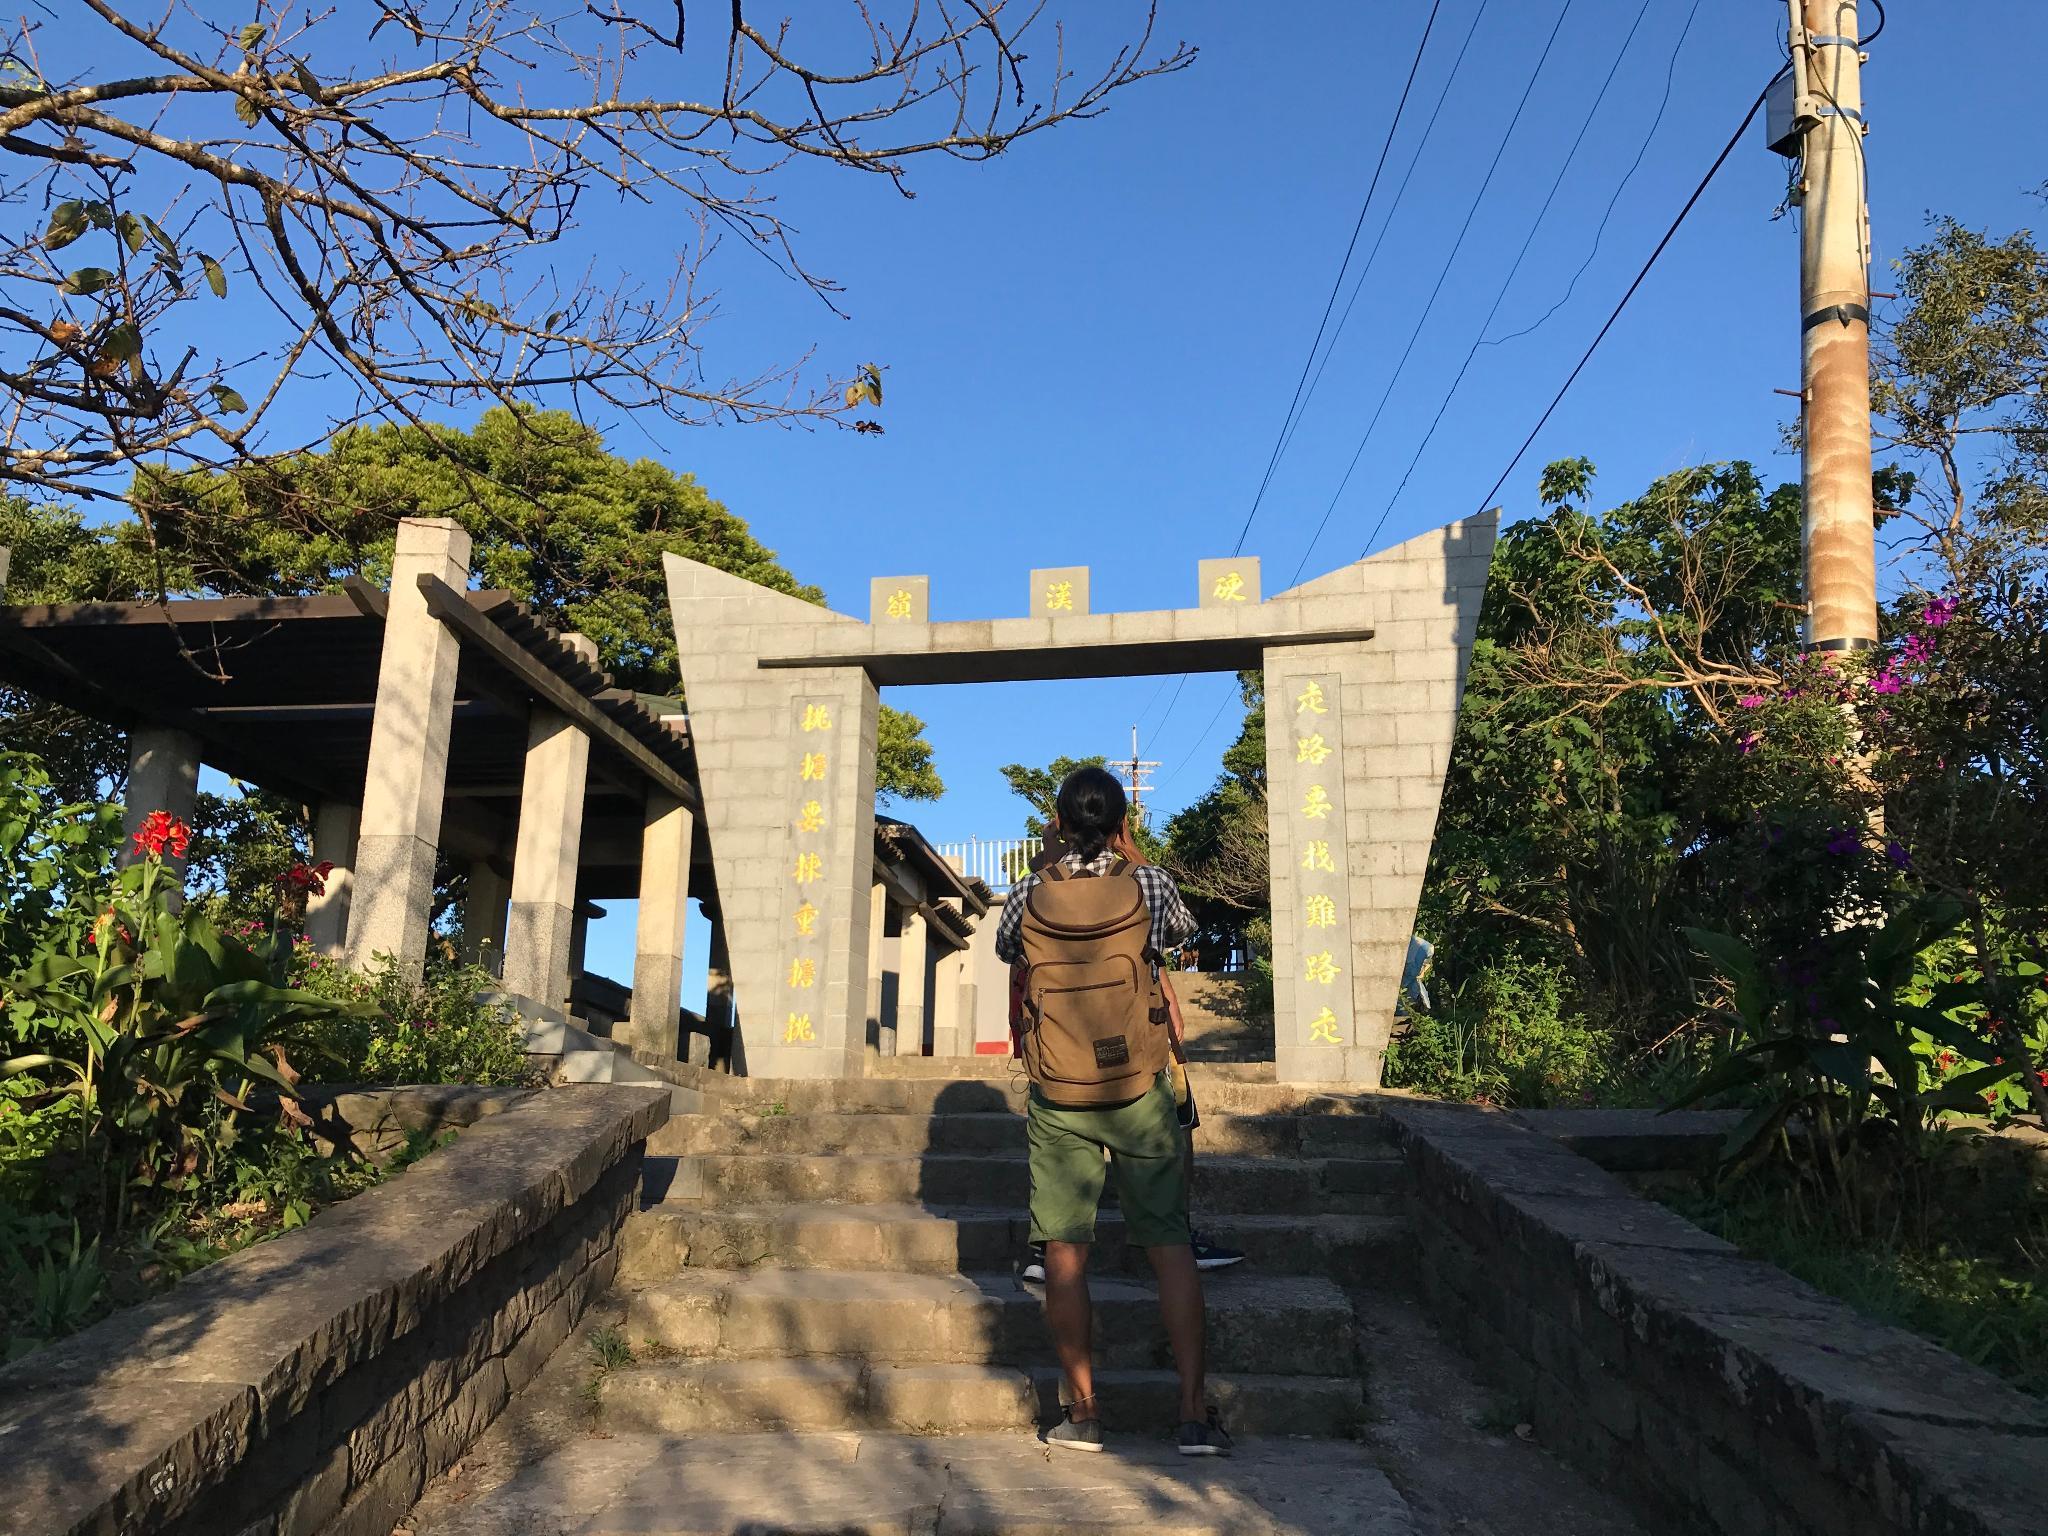 【臺北】觀音山硬漢嶺 — 瞭望大台北地區最推薦的觀景台 4